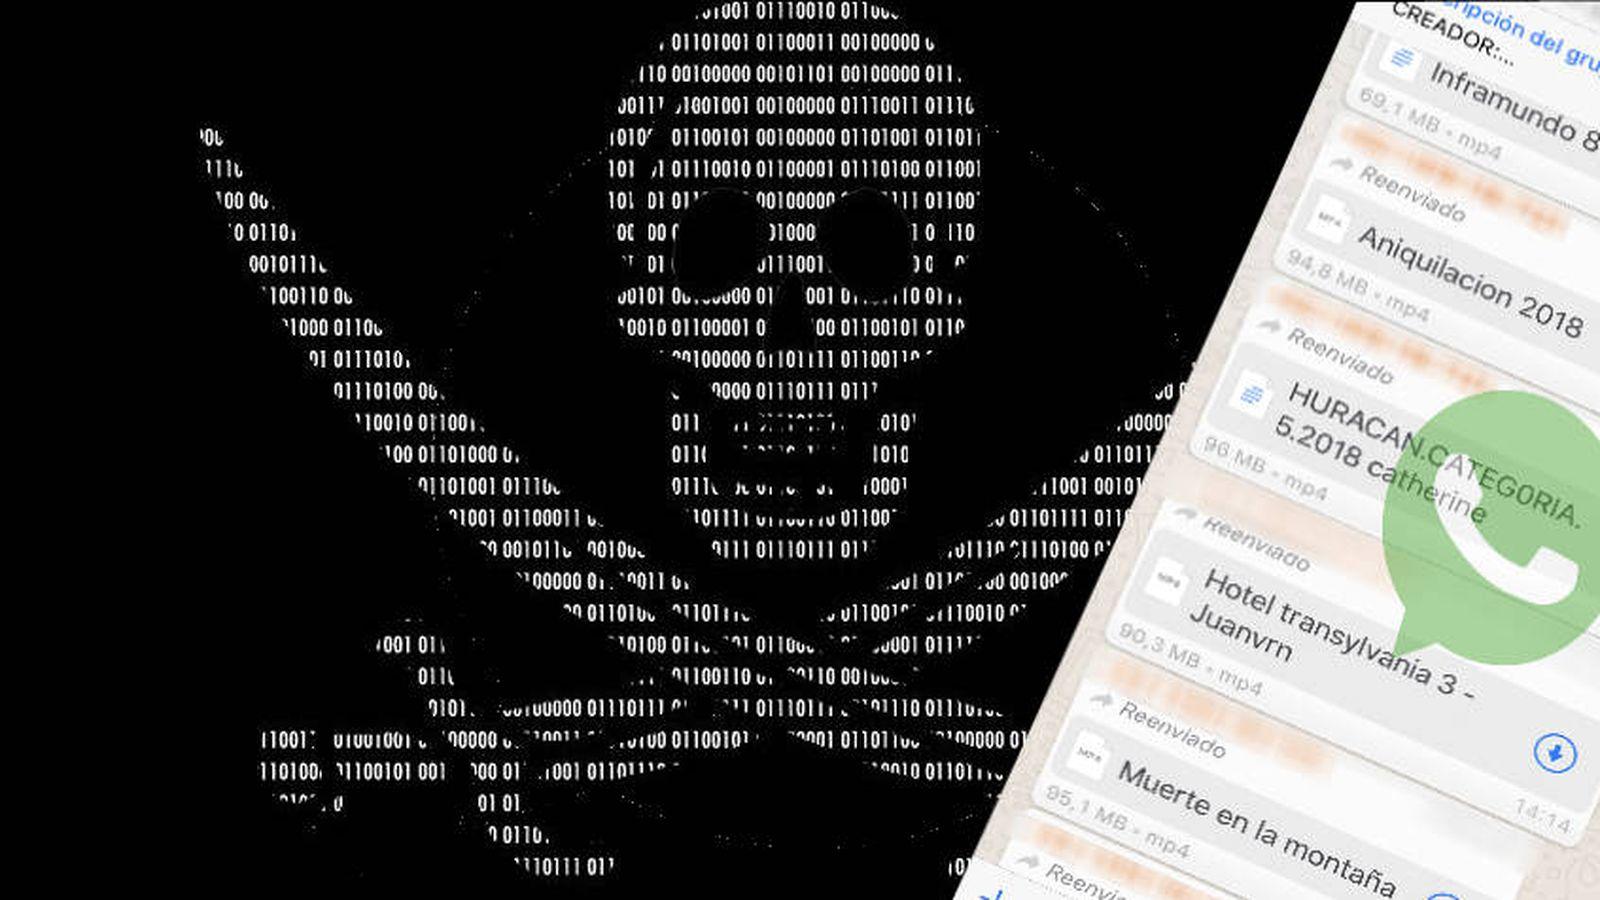 App De Imgenes Porno whatsapp: pelis pirata, porno y virus a cambio de tus datos